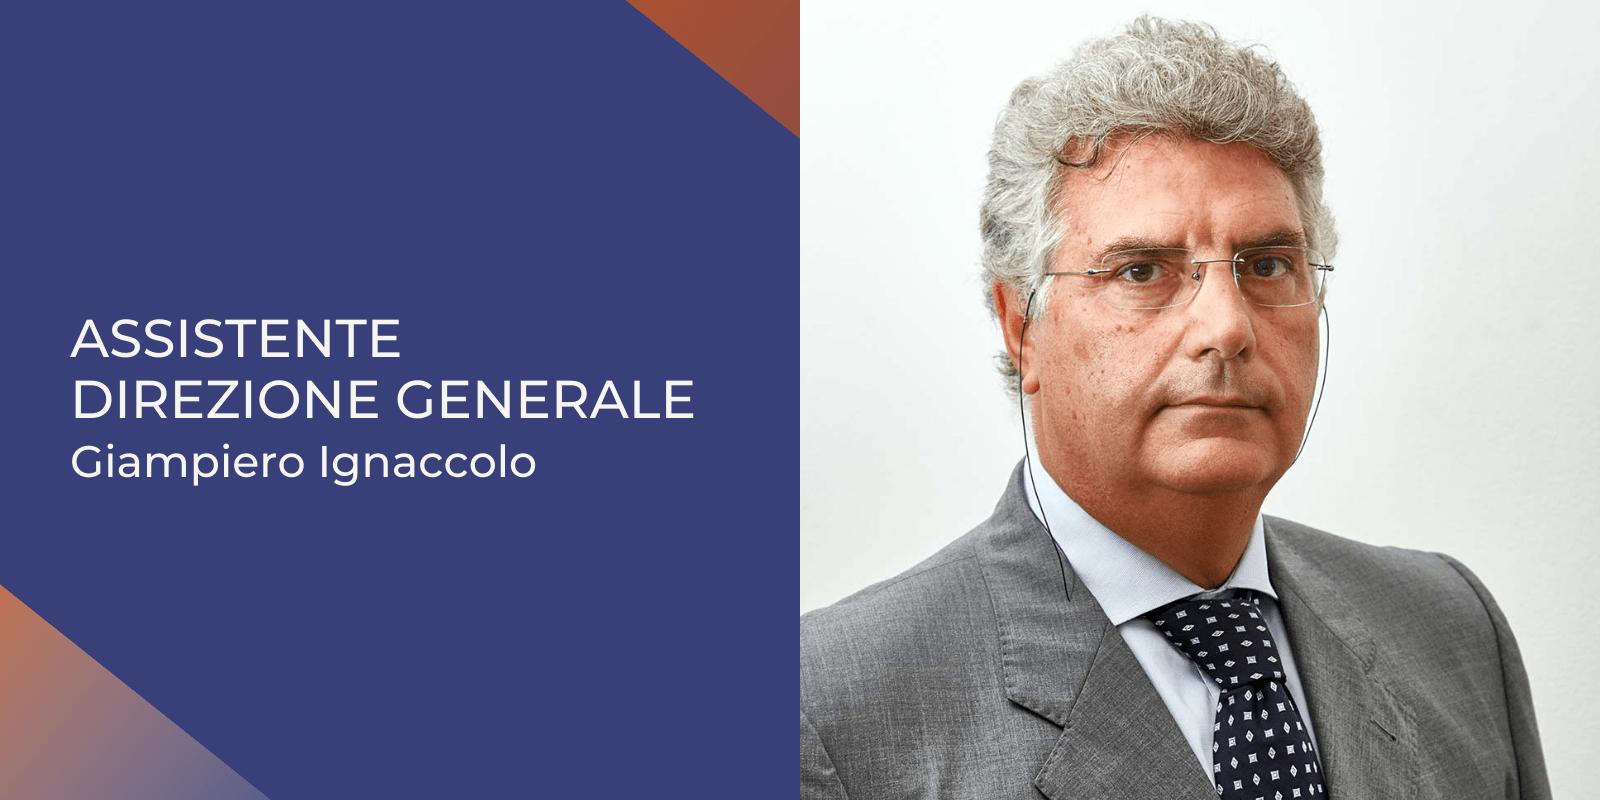 Assistente Direzione Generale Giampiero Ignaccolo